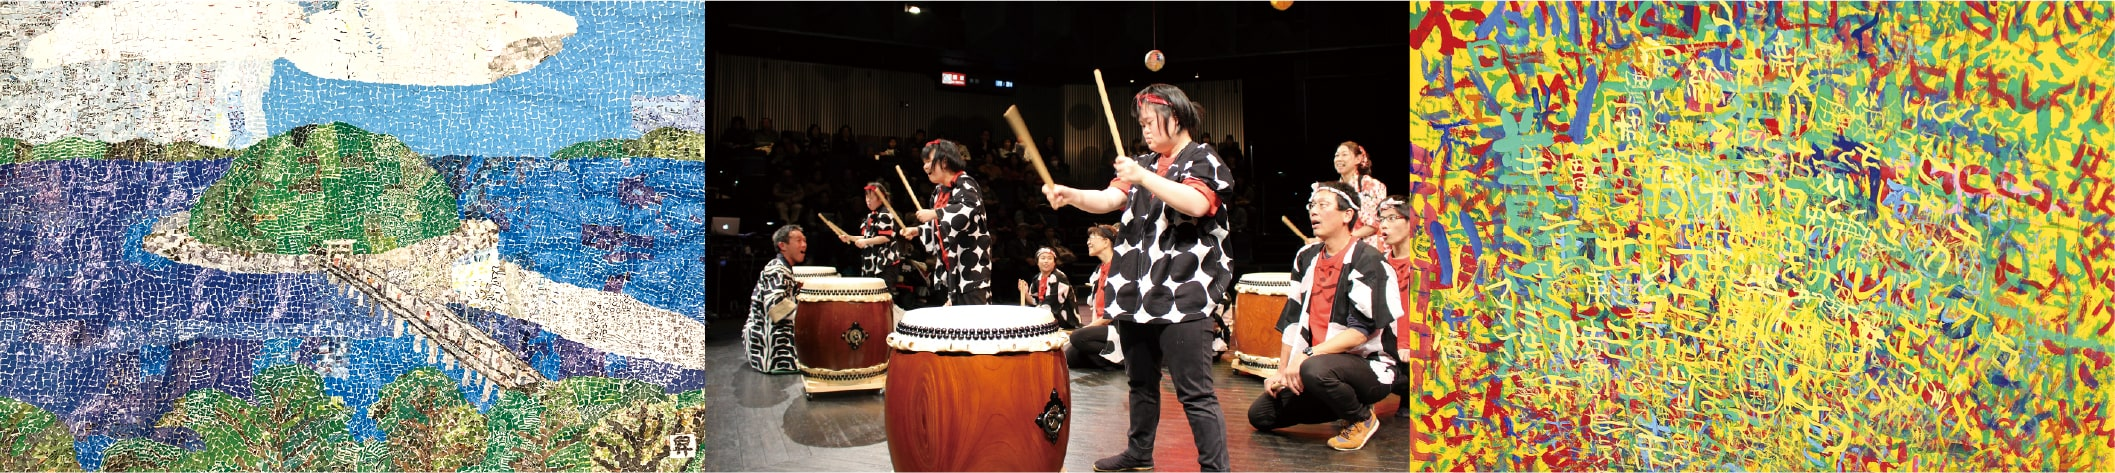 AANC 愛知アール・ブリュットネットワークセンター 障害者芸術文化普及支援事業